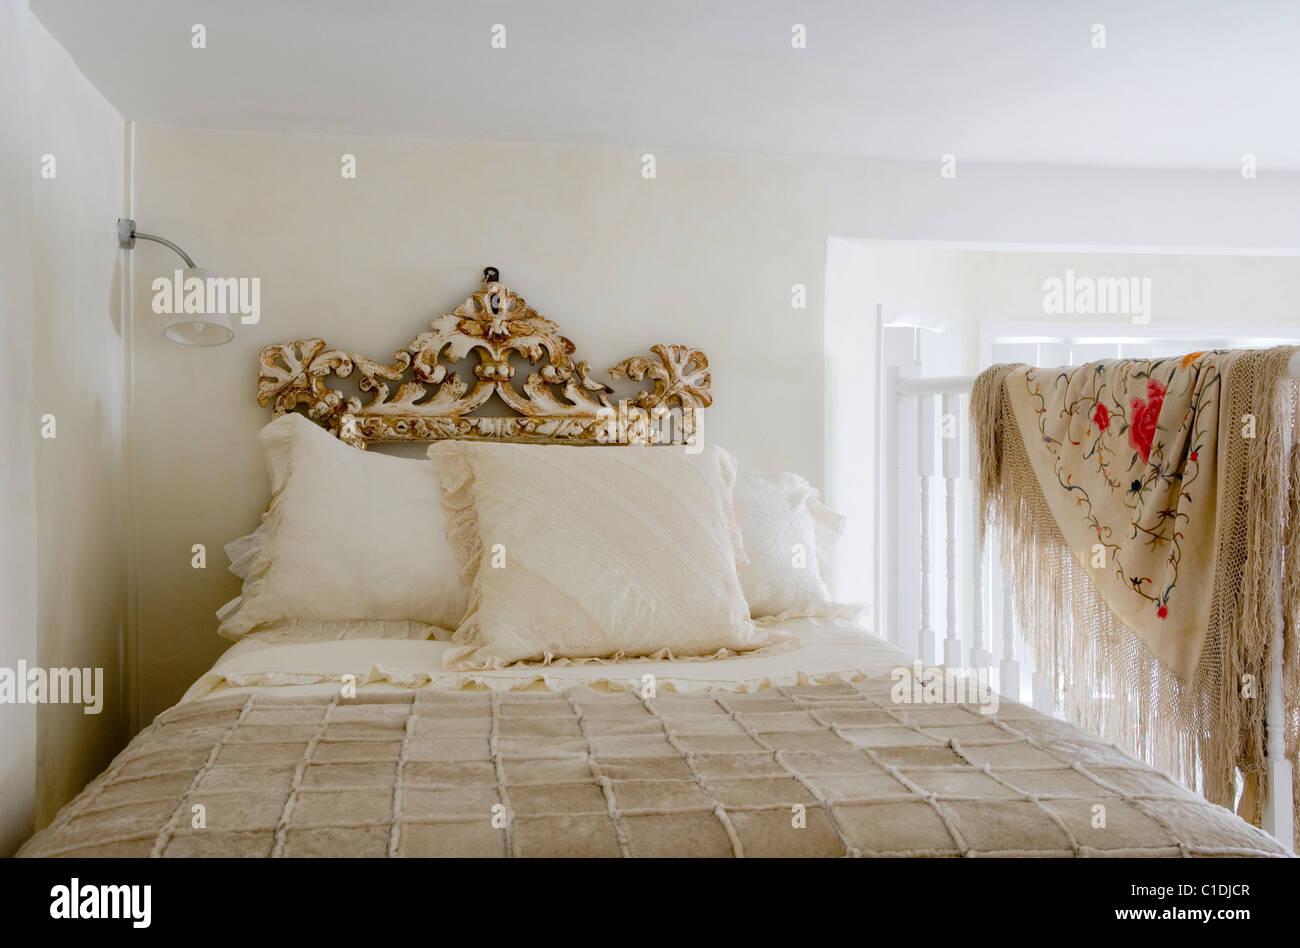 Londoner Studio Flach Und Schlafenden Galerie Eingerichtet Mit Distressed  Französisch Italienischen 18. Jahrhundert Möbel.